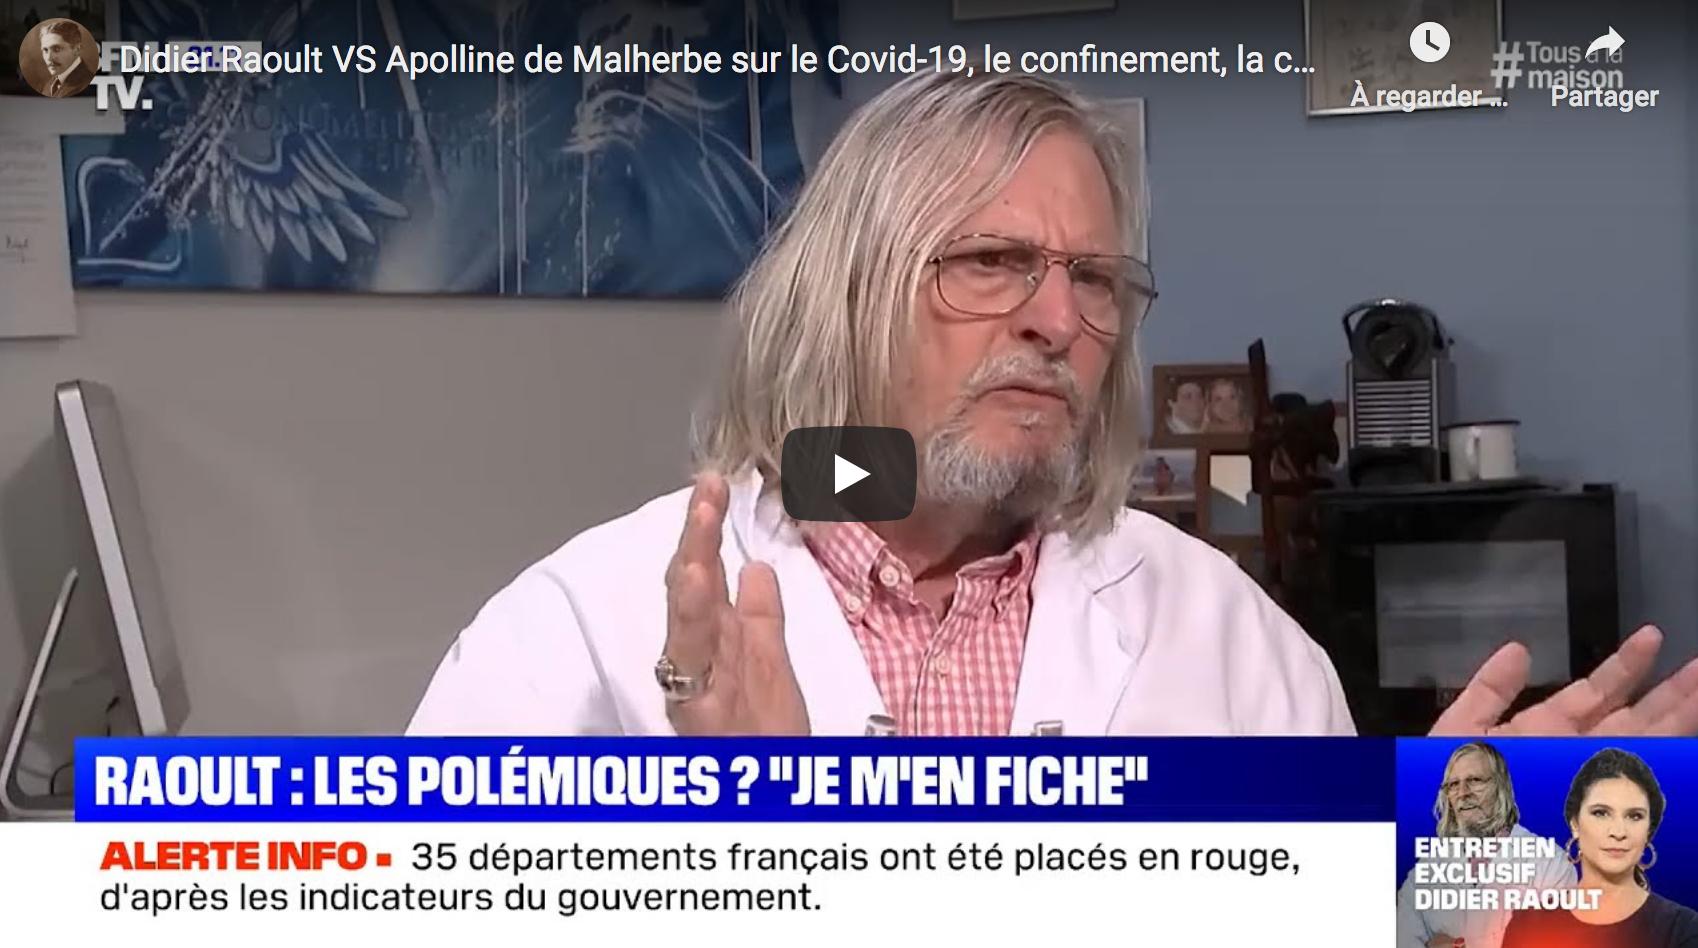 """Didier Raoult : """"Je crois aux contre-pouvoirs"""" (VIDEO)"""